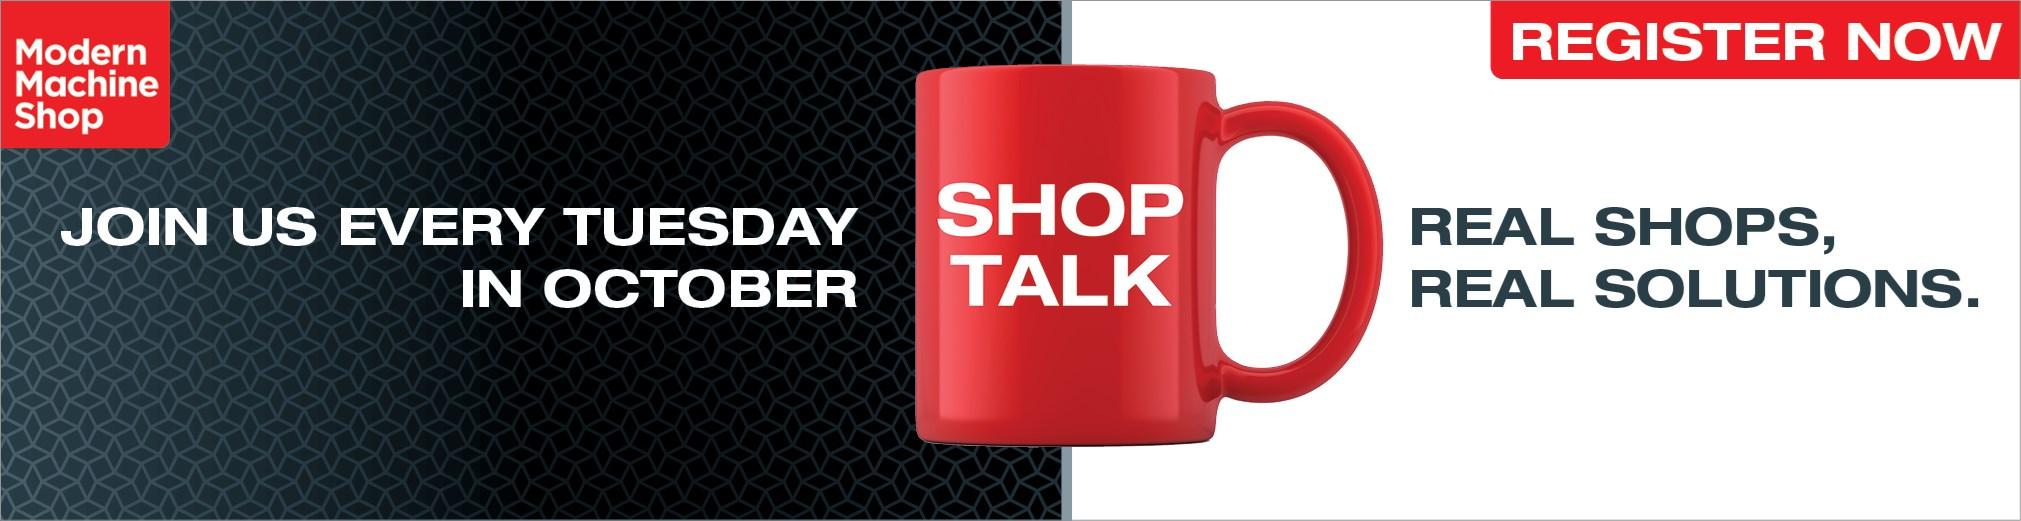 MMS Shop Talk